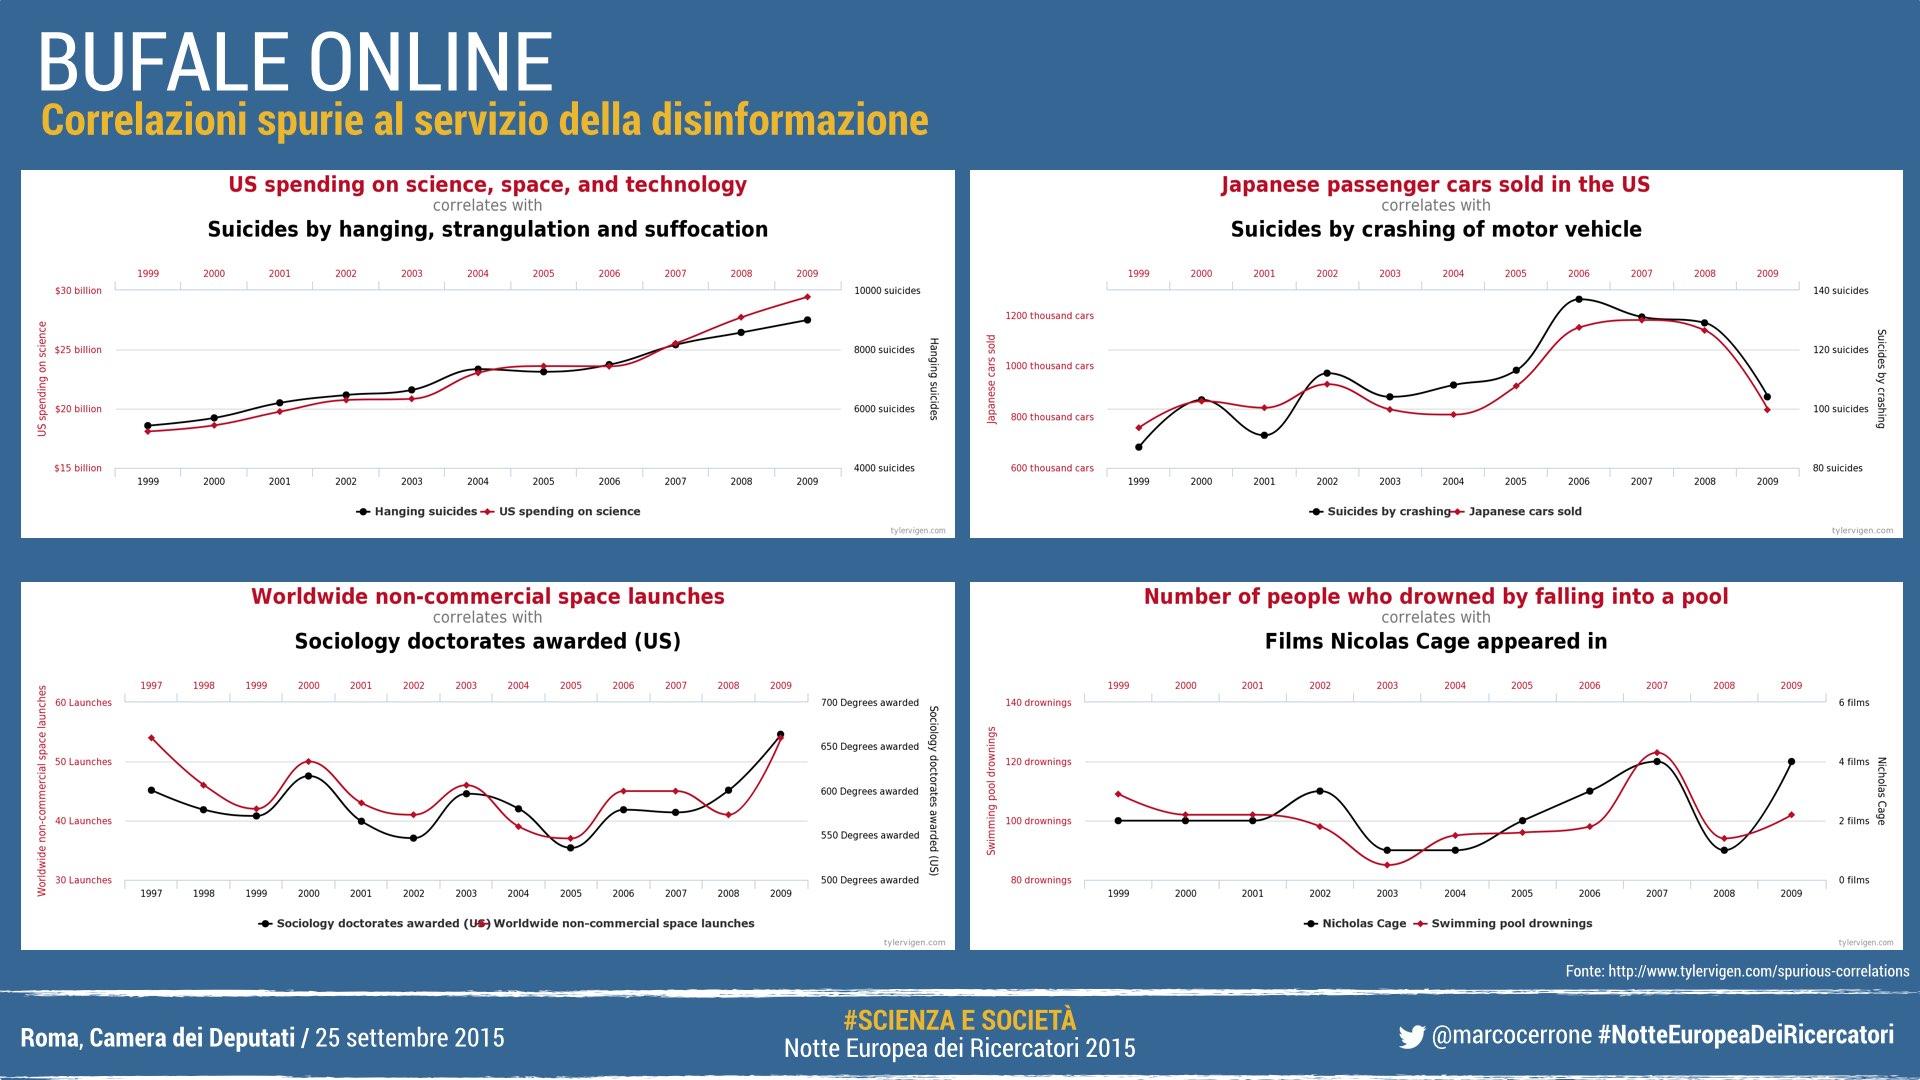 Correlazioni spurie al servizio della disinformazione online